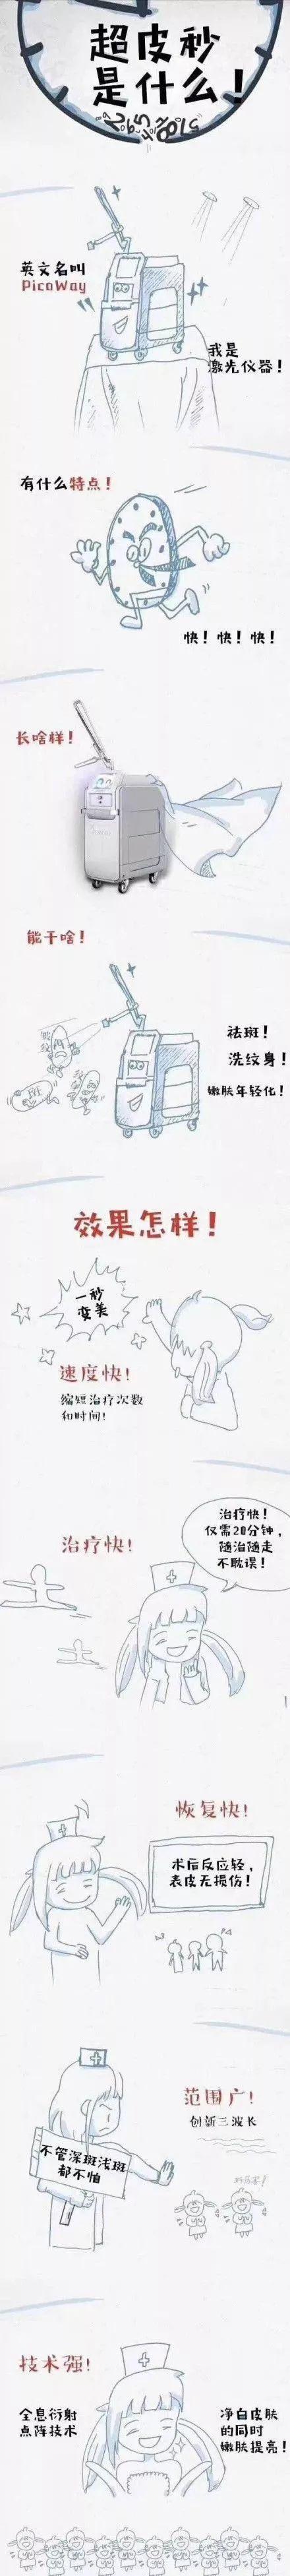 """上海美莱超皮秒""""一秒美颜""""了解一下!"""